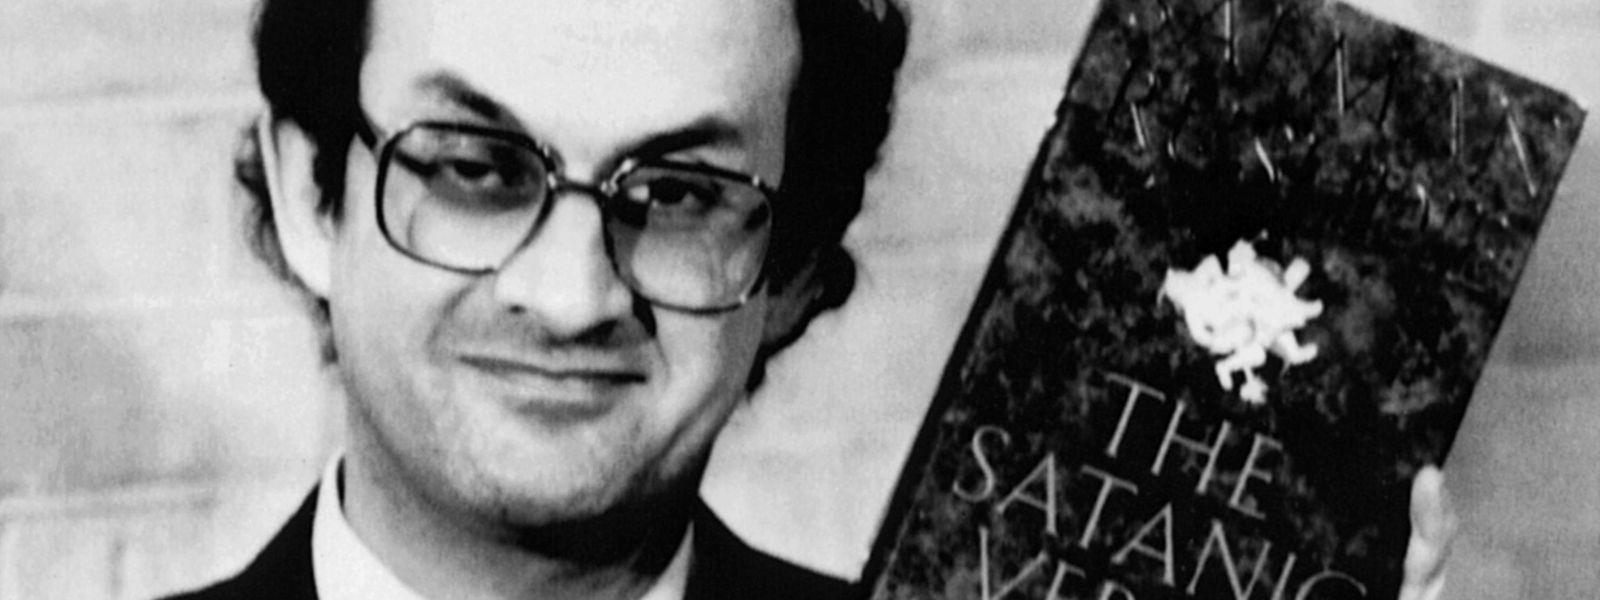 """Im Februar 1989 erhitzte Salman Rushdie mit seinem Werk """"The Satanic Verses"""" die Gemüter."""